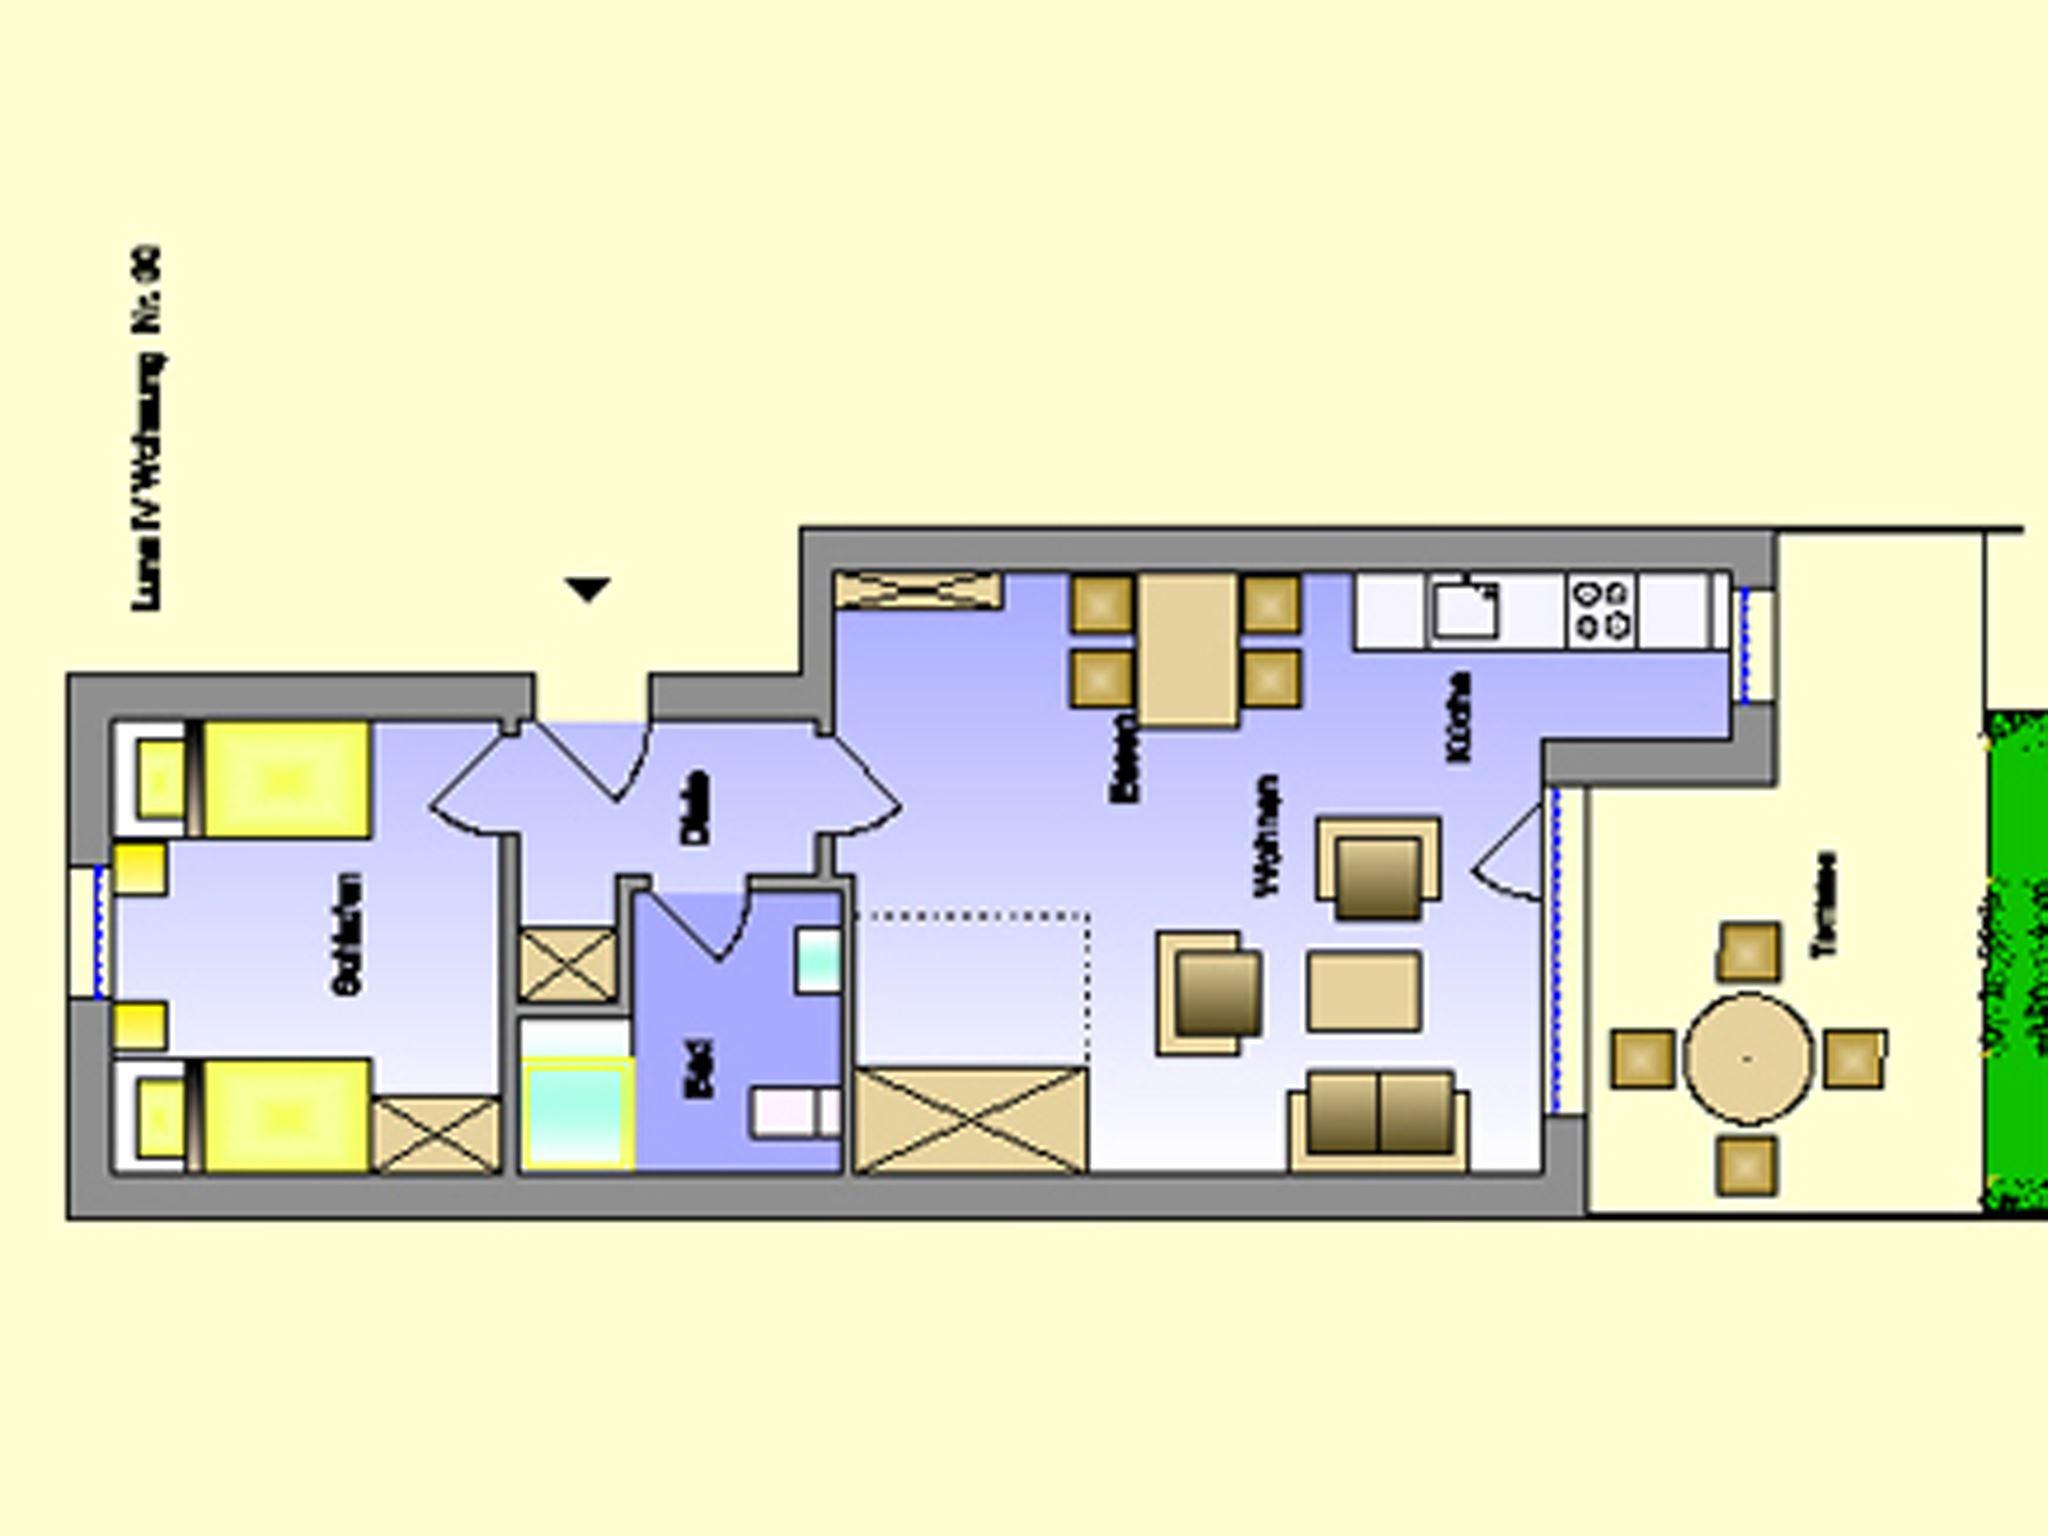 Ferienappartement in St. Peter-Ording für 2-4 Personen mit Westterrasse , strandnah, ruhig, privat. Luna IV Nr. 30